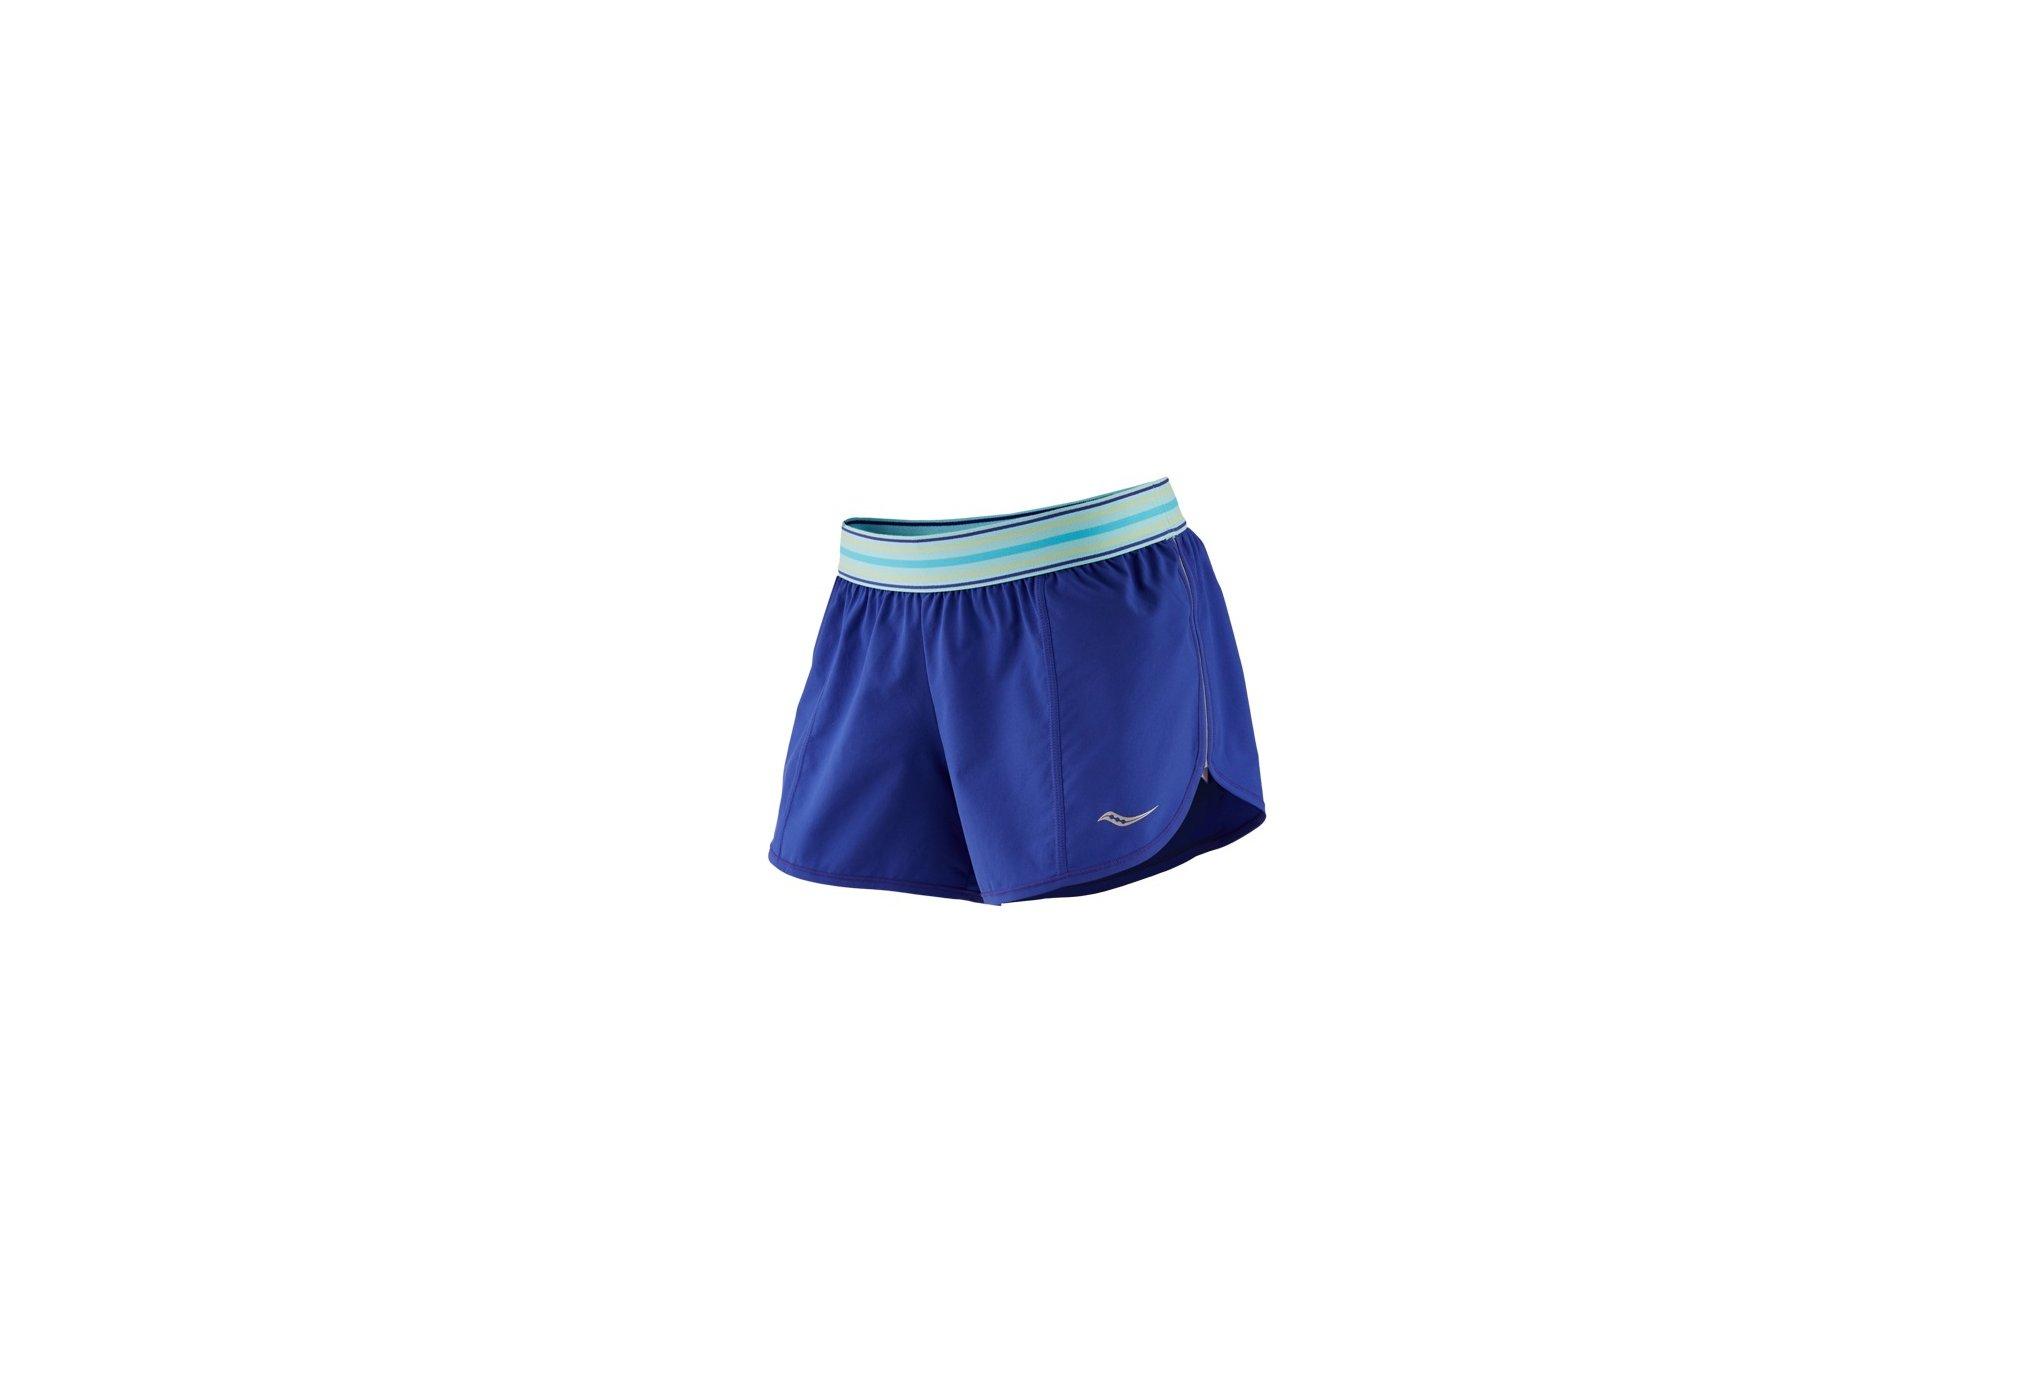 Saucony Short PE W Diététique Vêtements femme